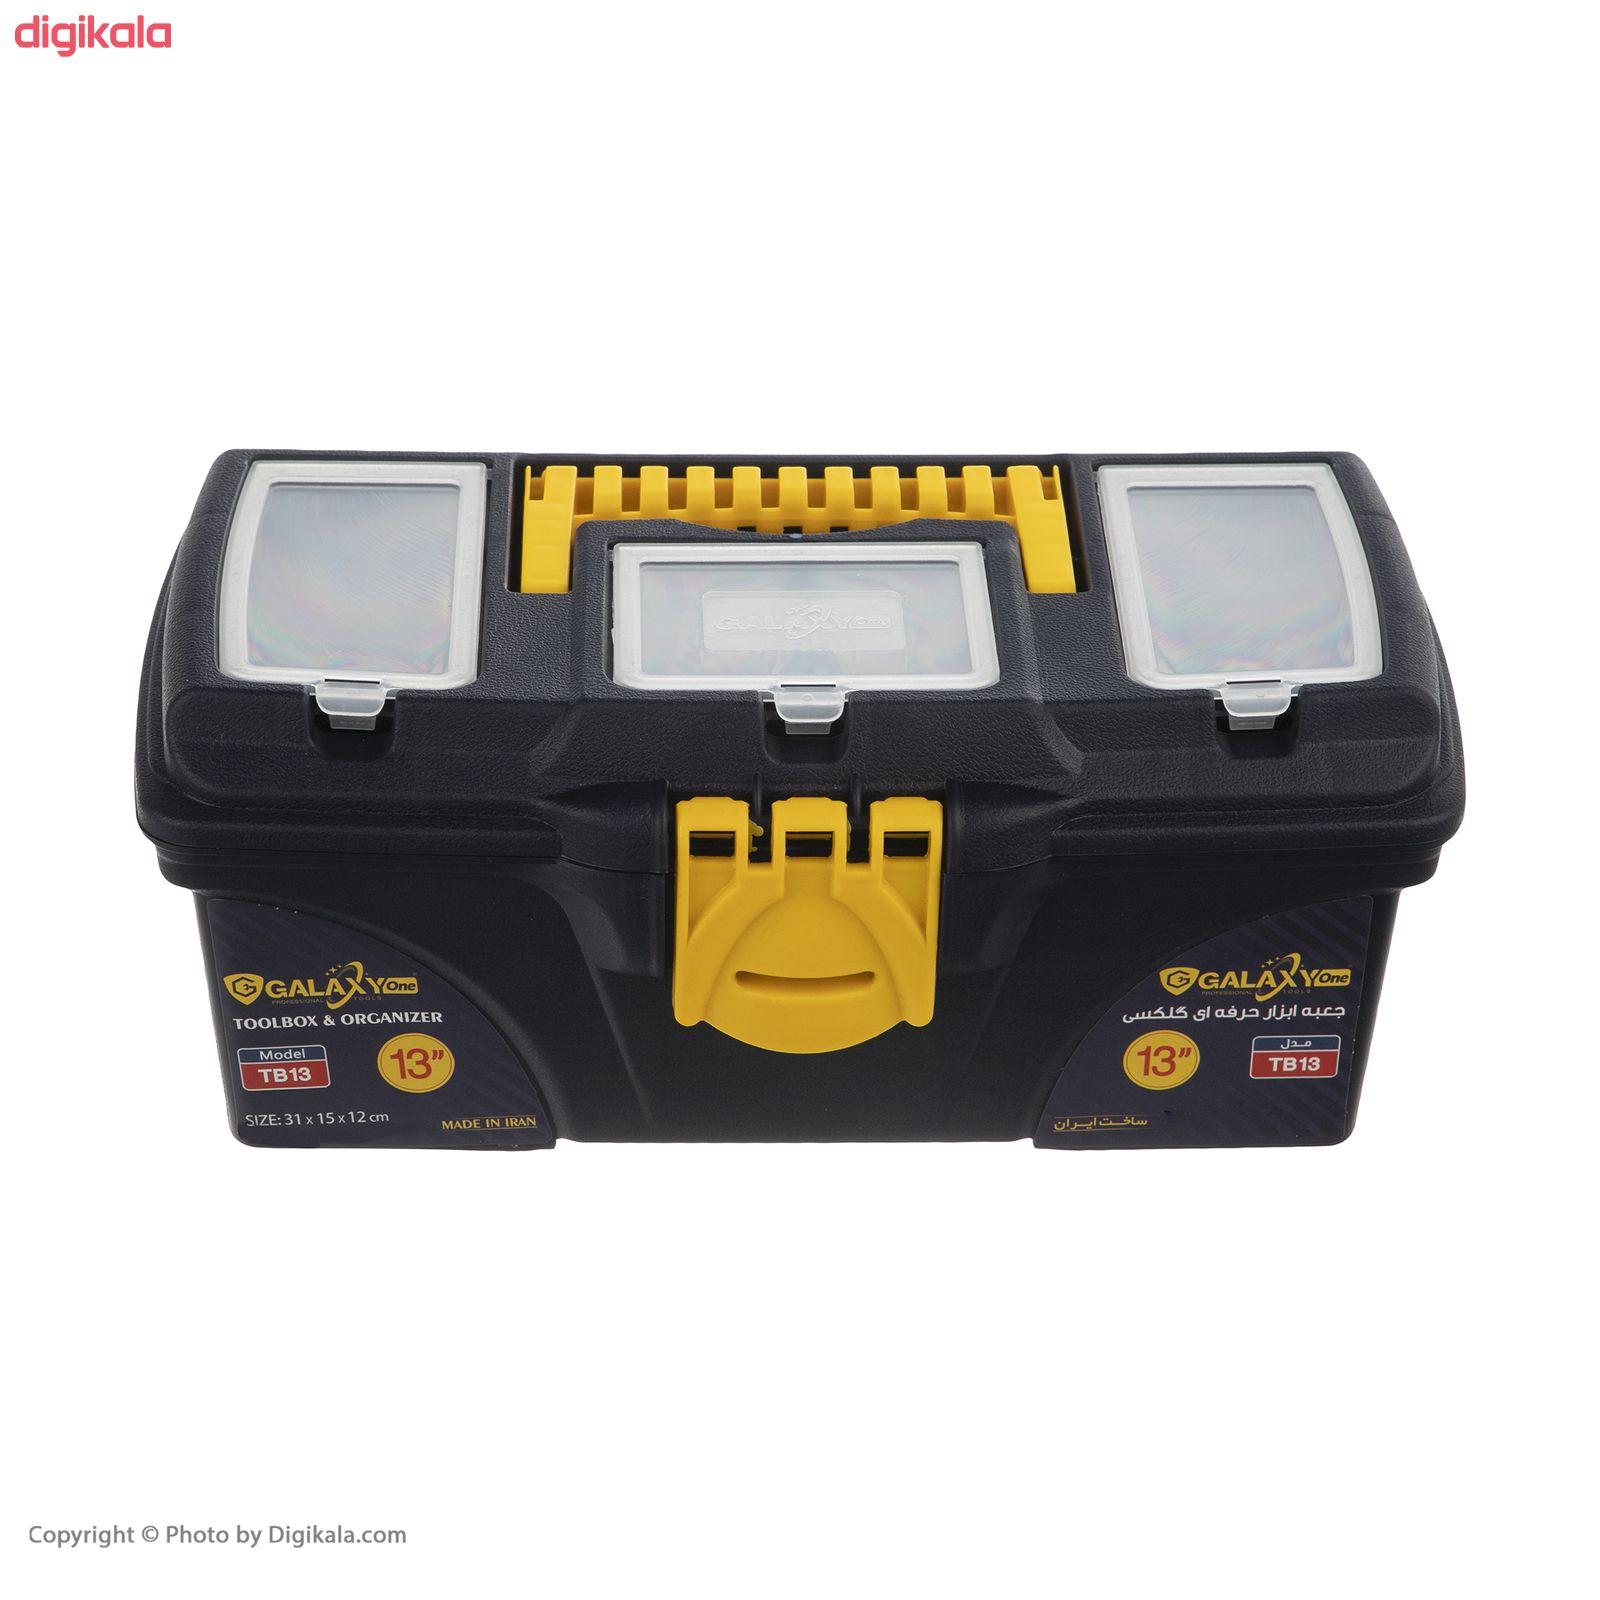 جعبه ابزار گلکسی وان مدل TB13 main 1 7